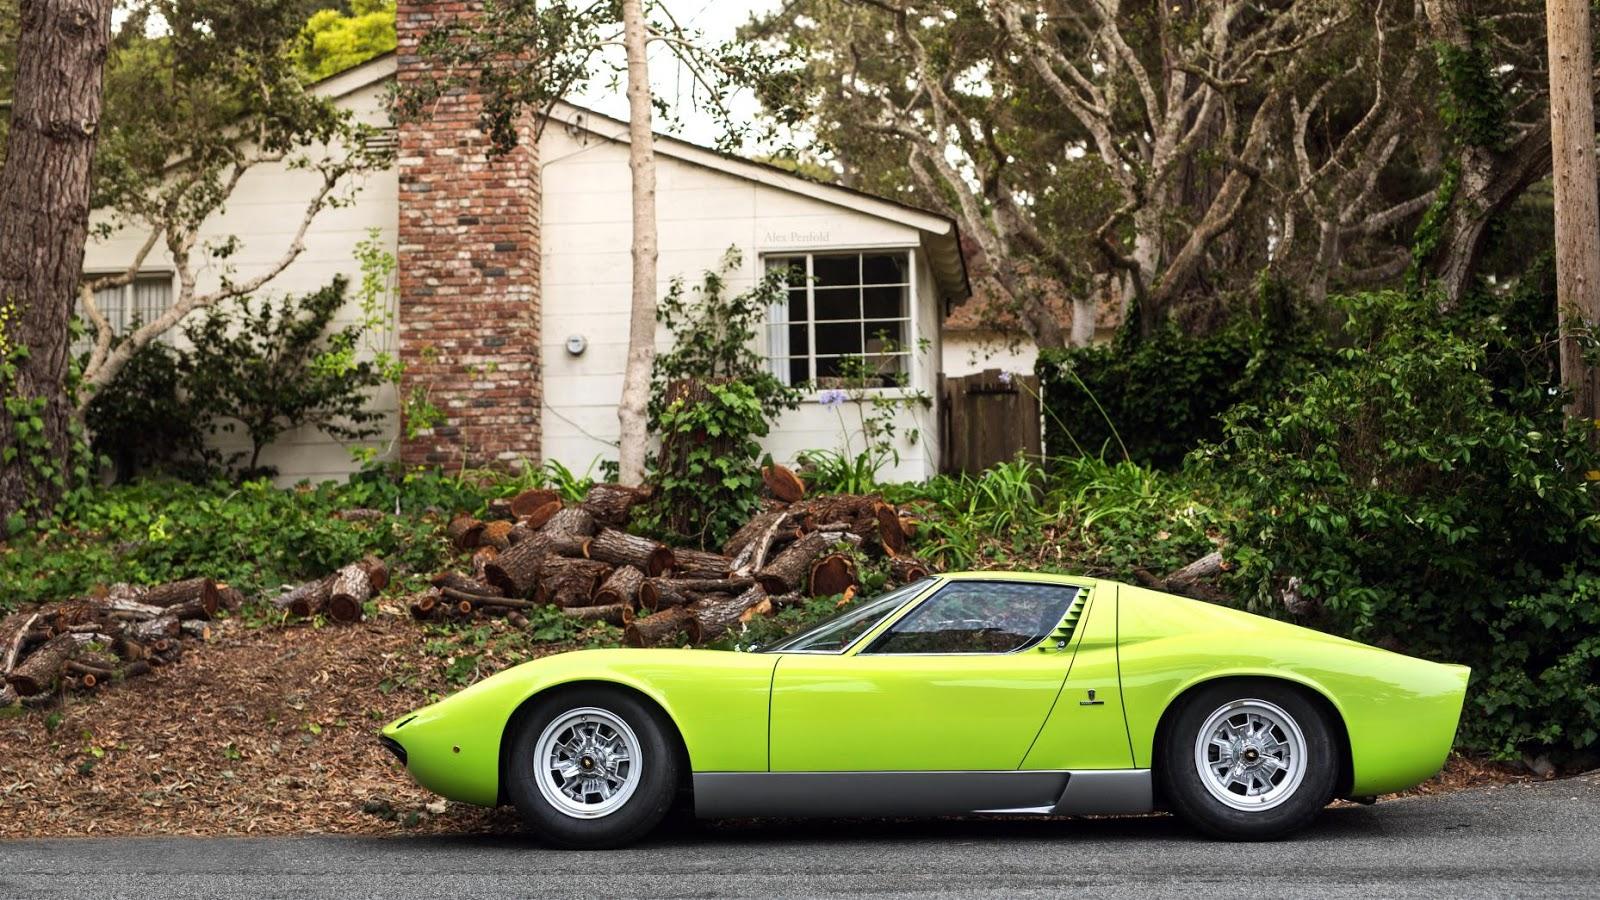 Siêu xe cổ Lamborghini Miura hàng hiếm, có thiết kế tuyệt đẹp